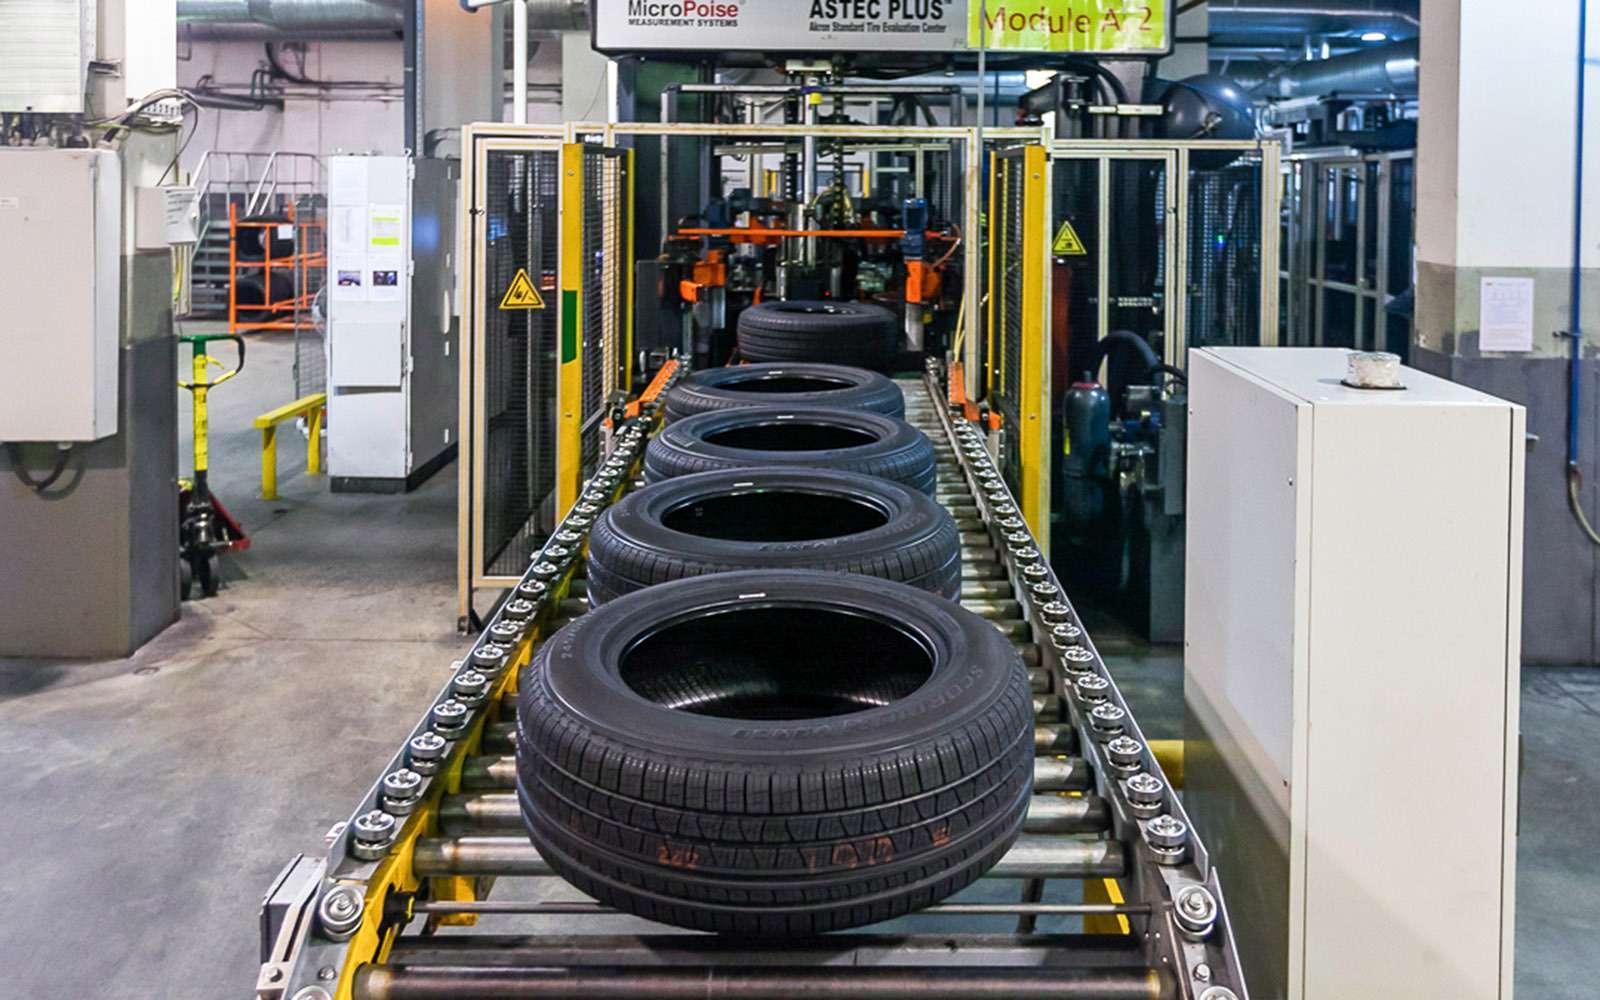 Черная кухня: как делают автомобильные шины— фото 679396